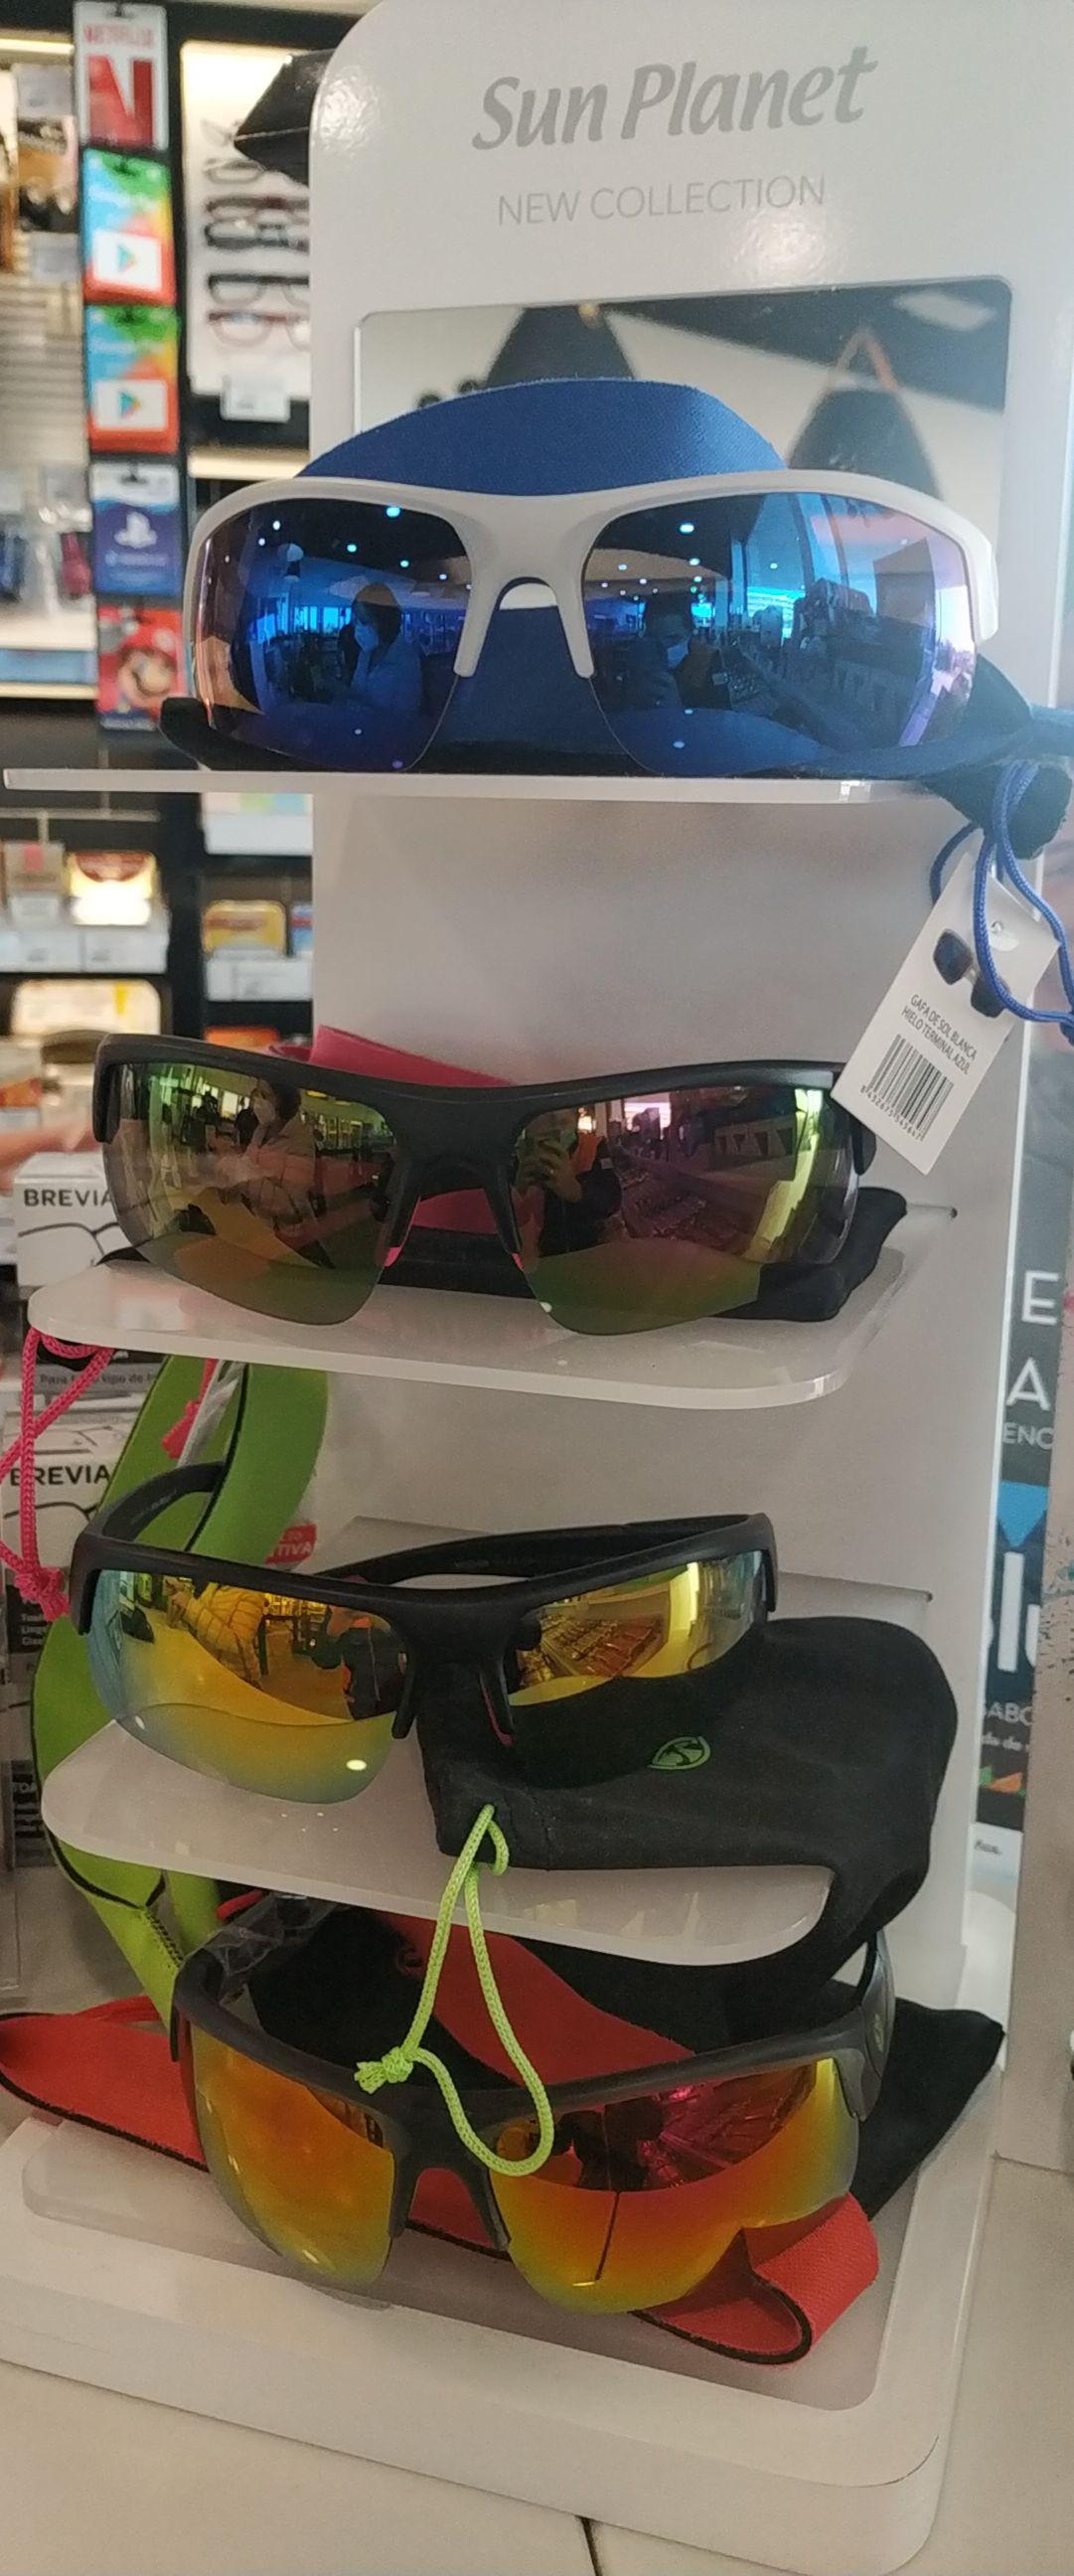 Gafas deportivas gratis con Repsol - Waylet - Nuevos Usuarios